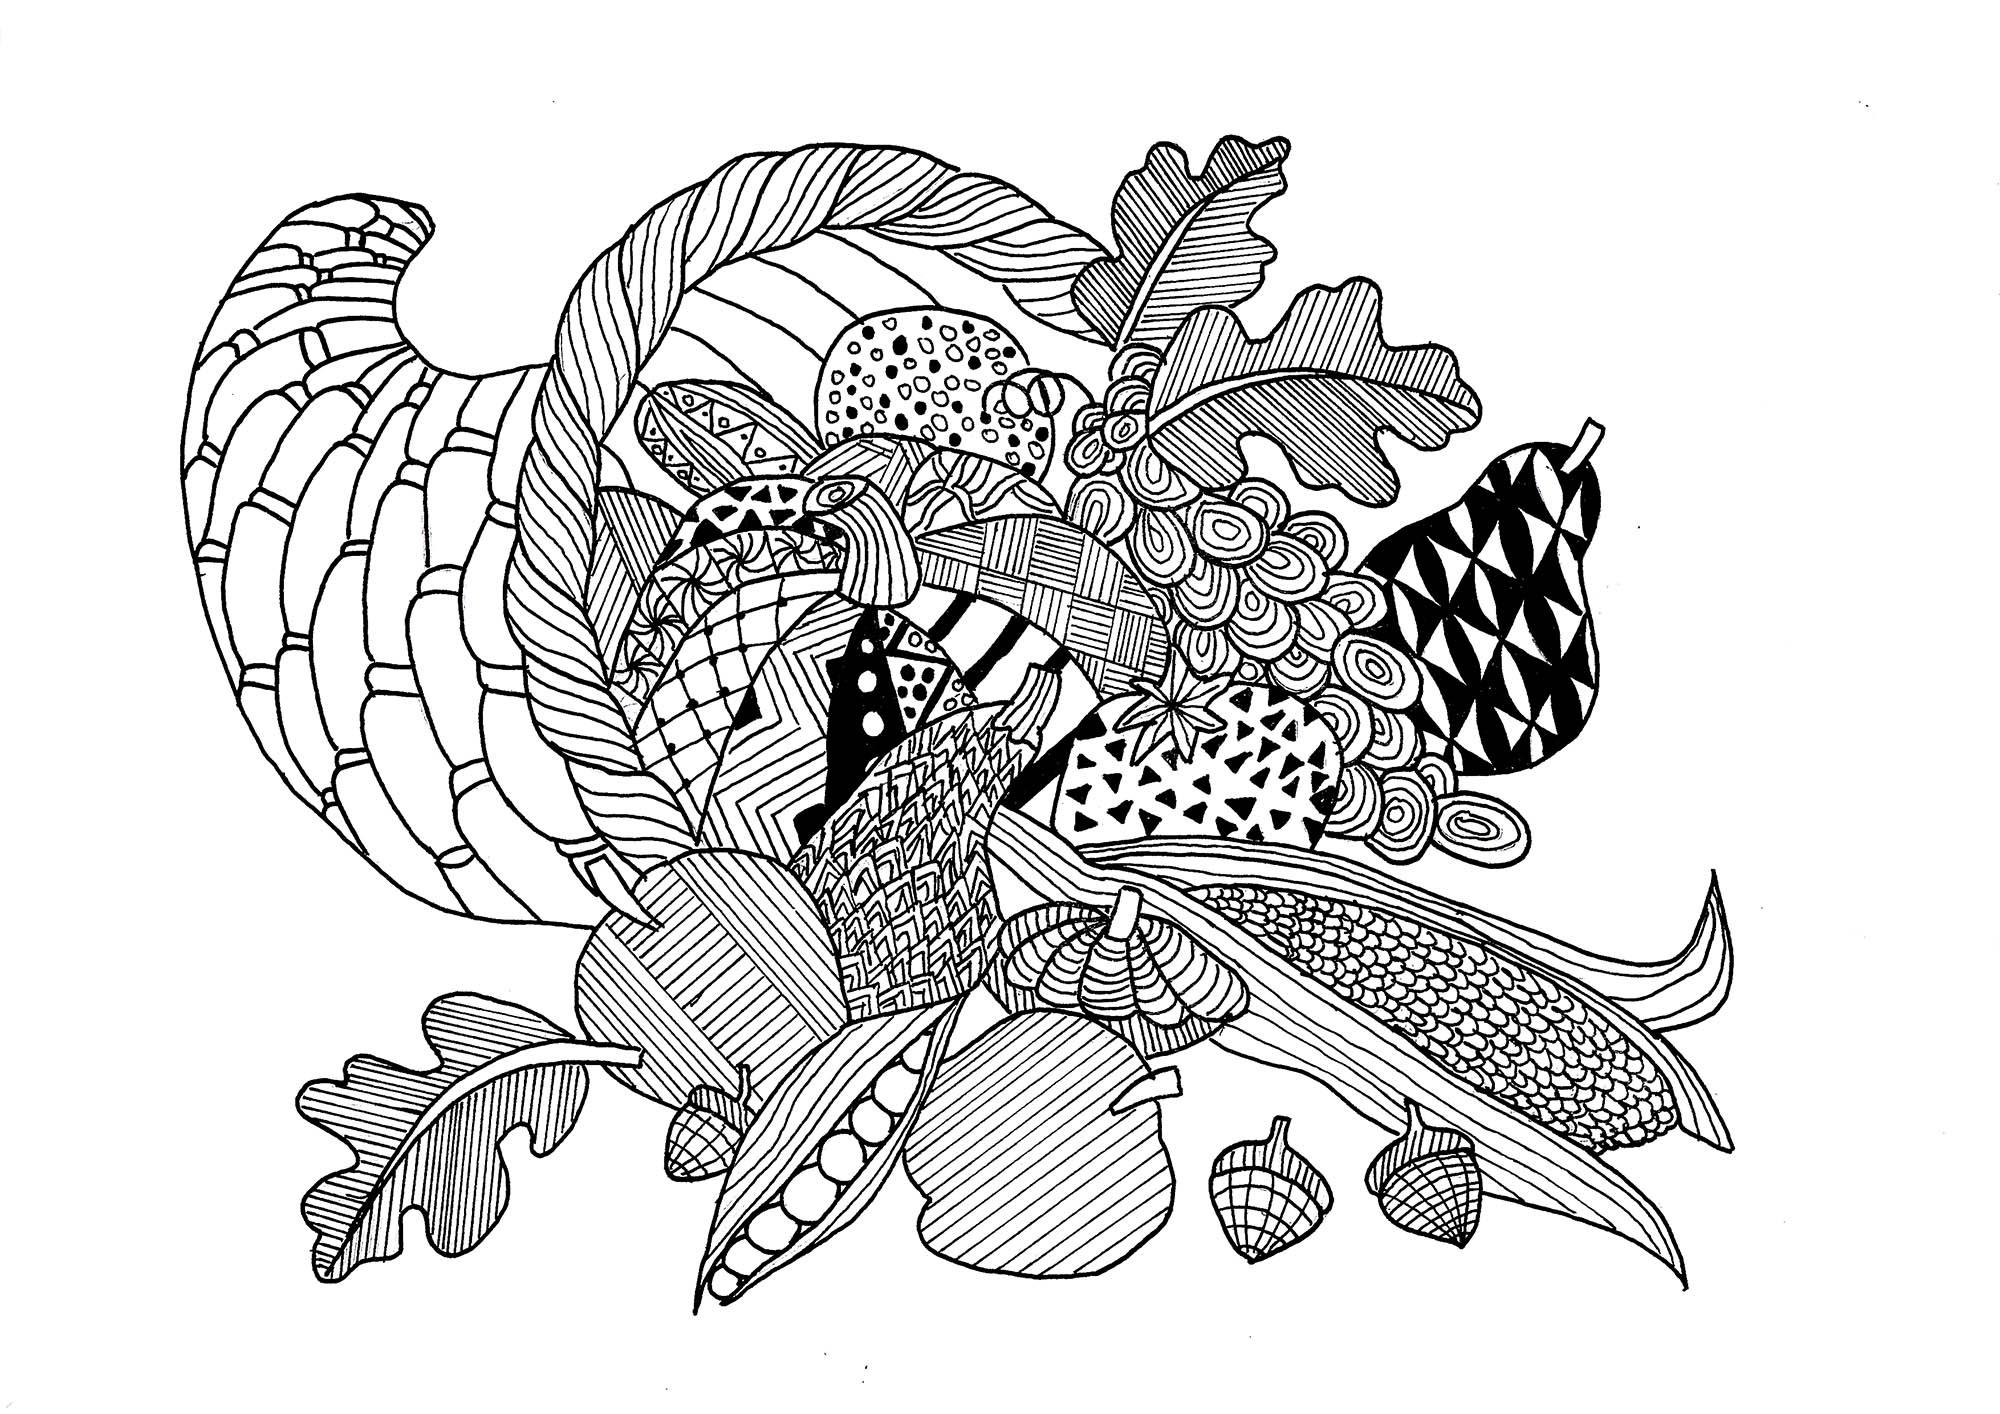 Voici un magnifique coloriage de corne d'abondance pour célébrer Thanksgiving